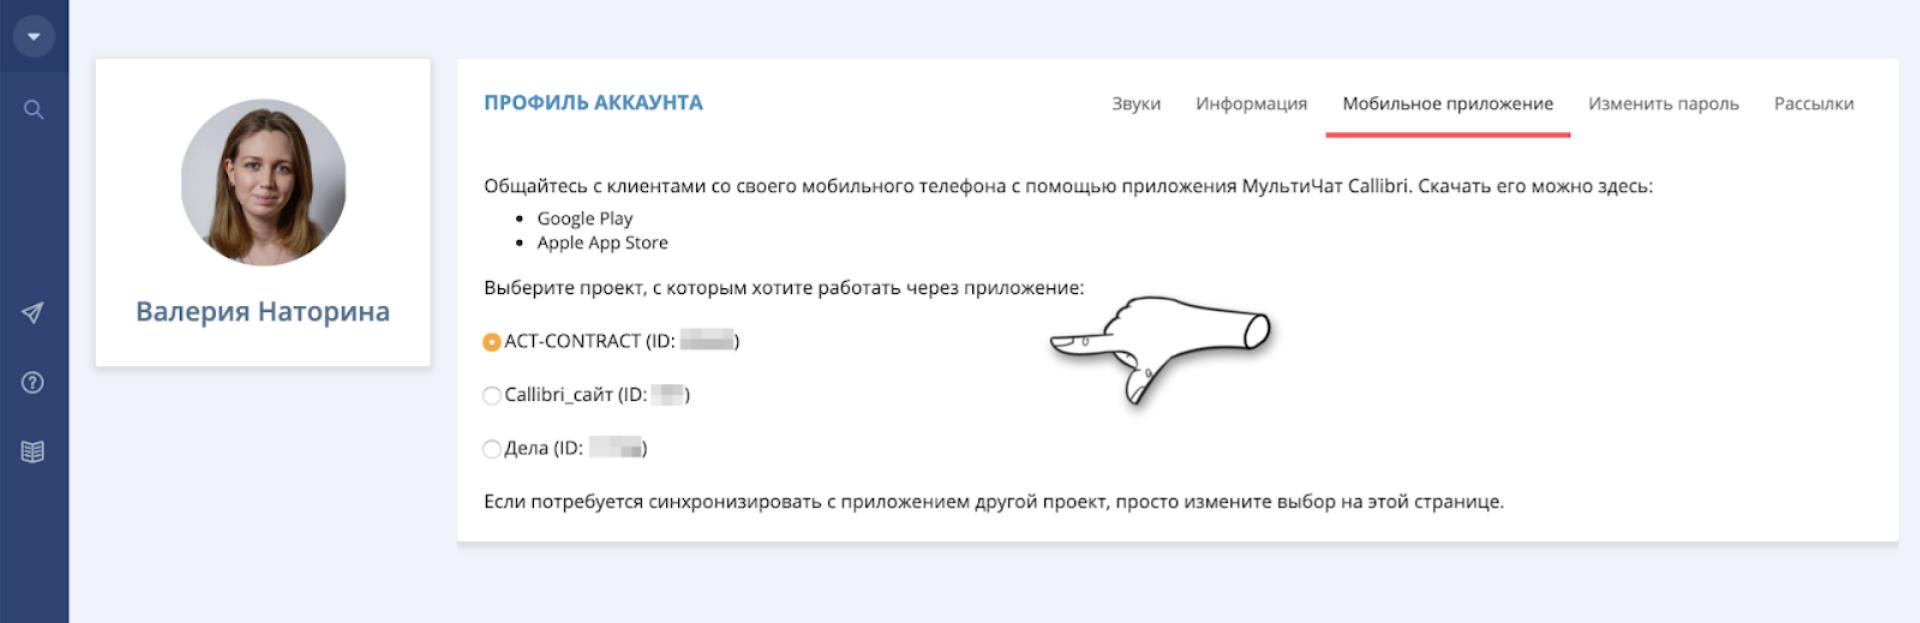 Выбор проекта, к которому будет подключено приложение